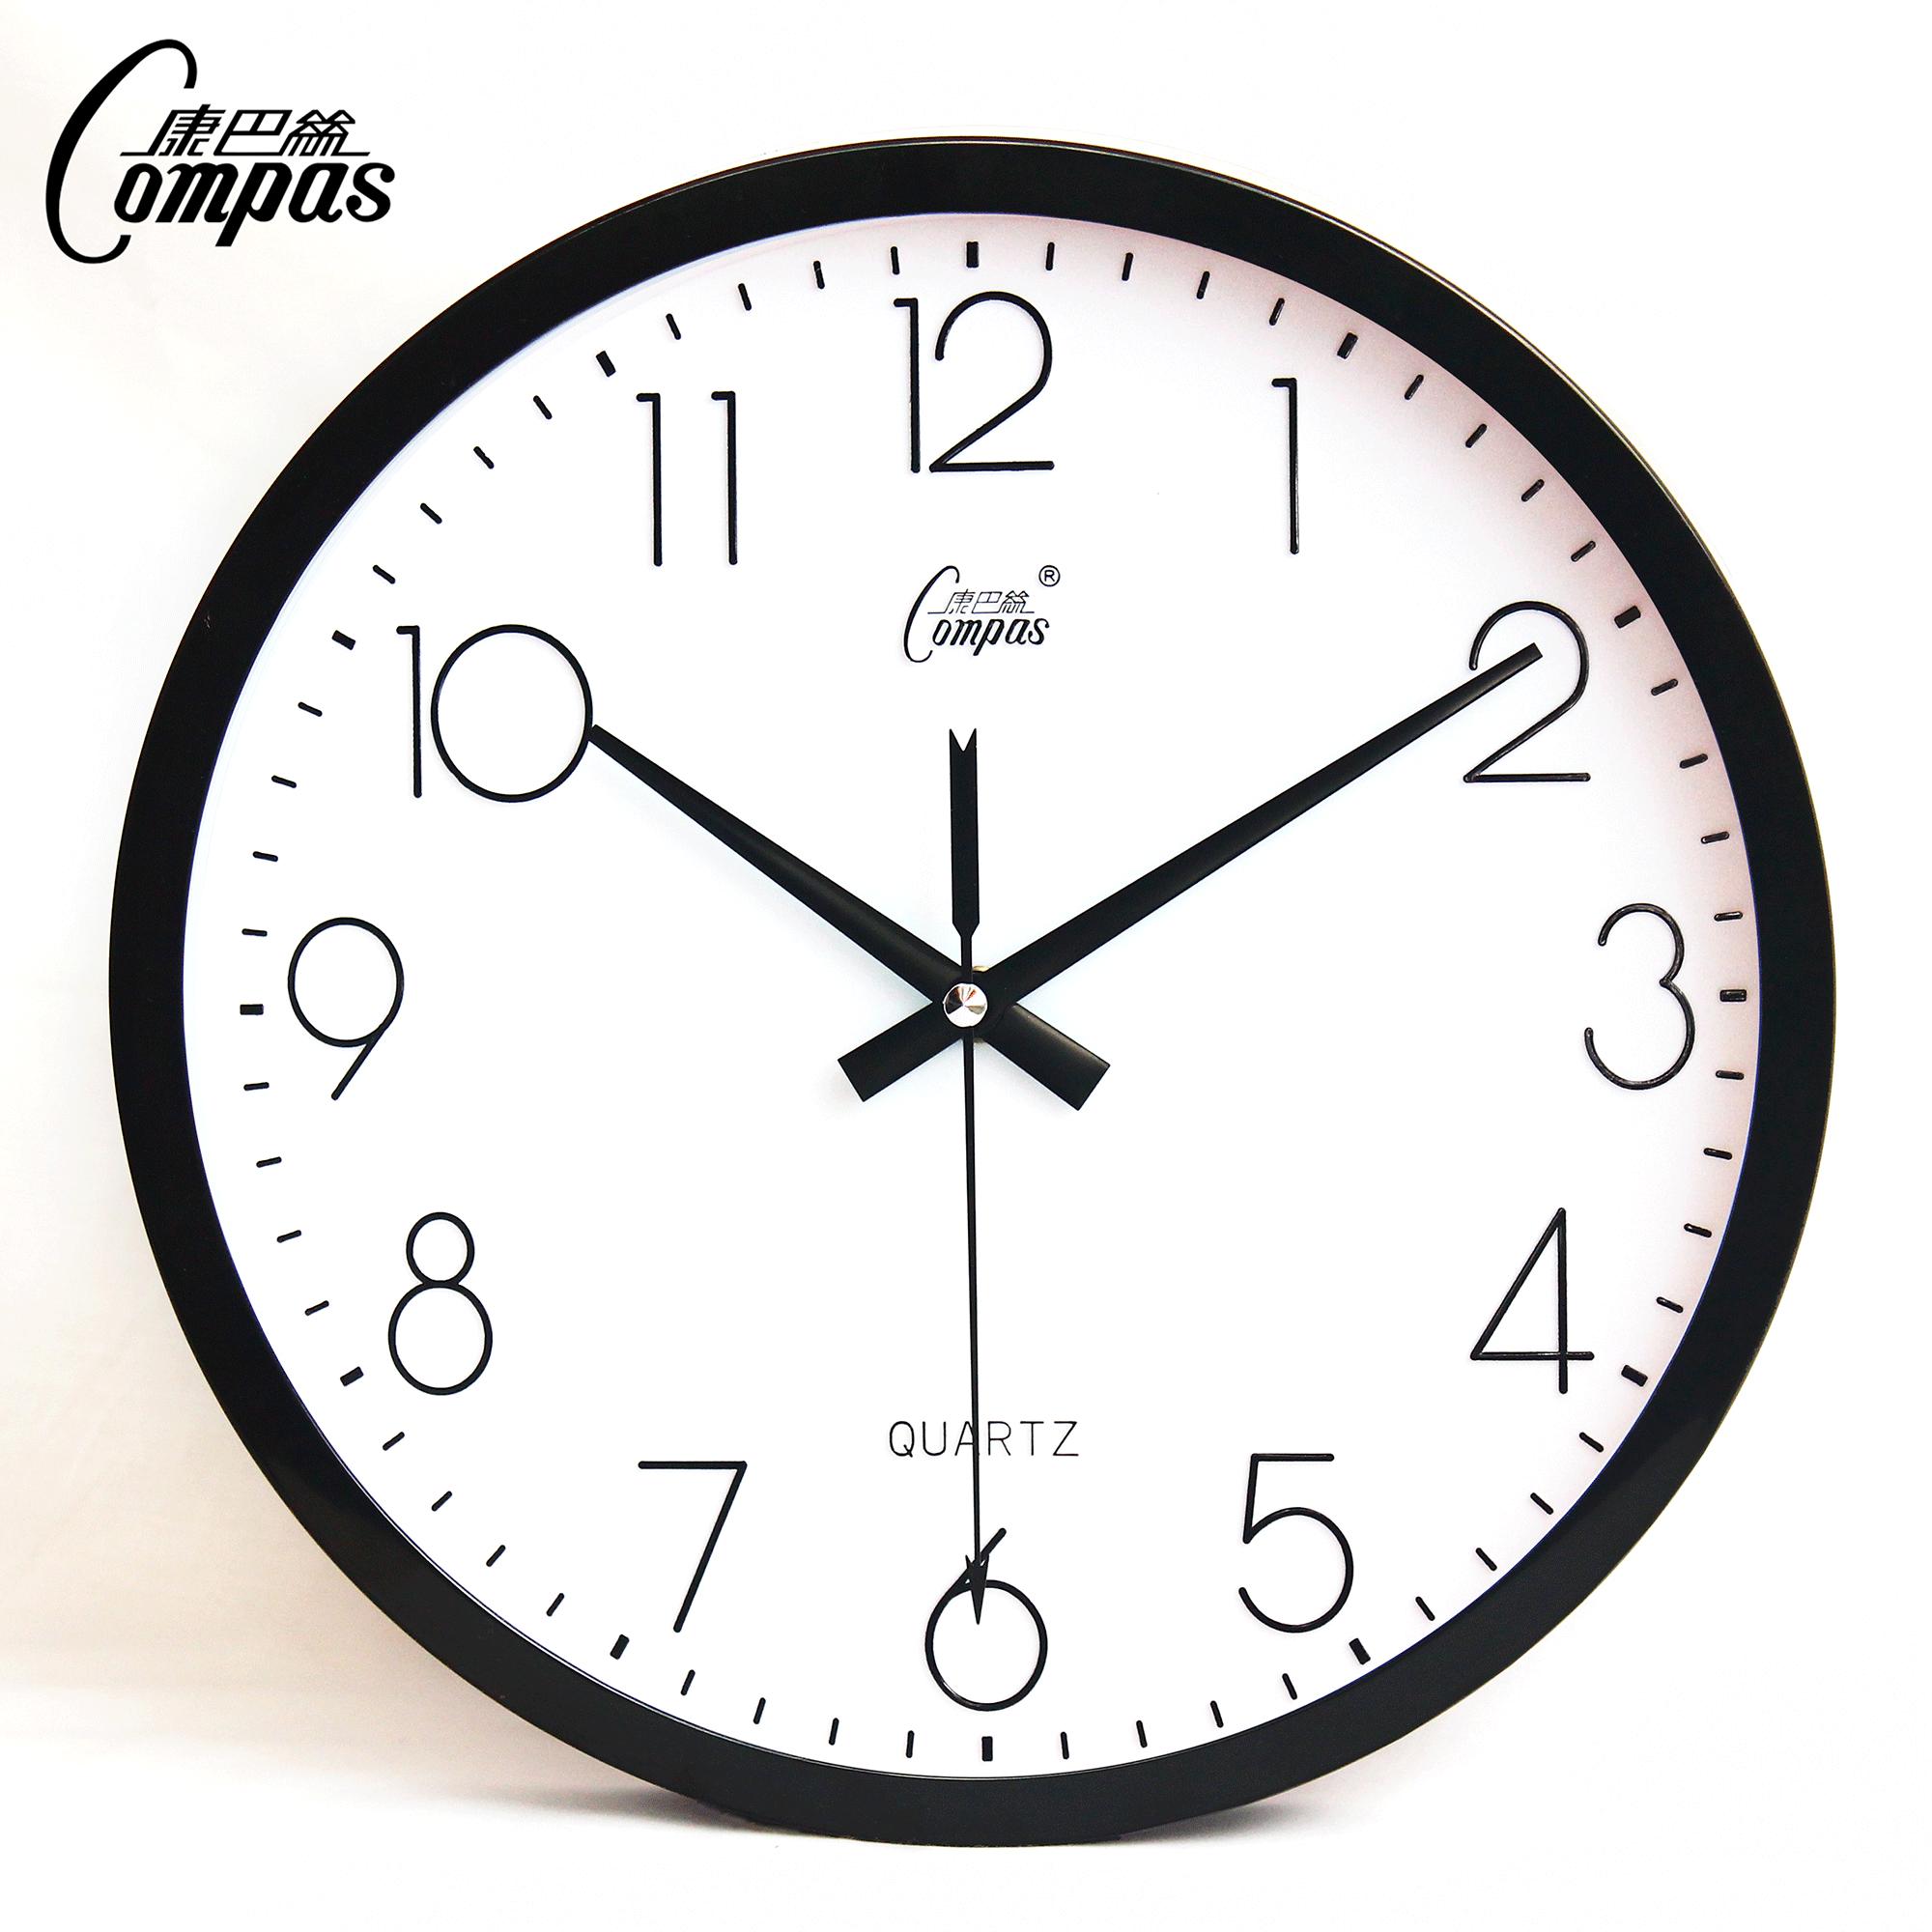 Мир пакистан провод кварц колокол современный часы личность настенные часы творческий колокол гостиная часы большой стол немой простой стена колокол